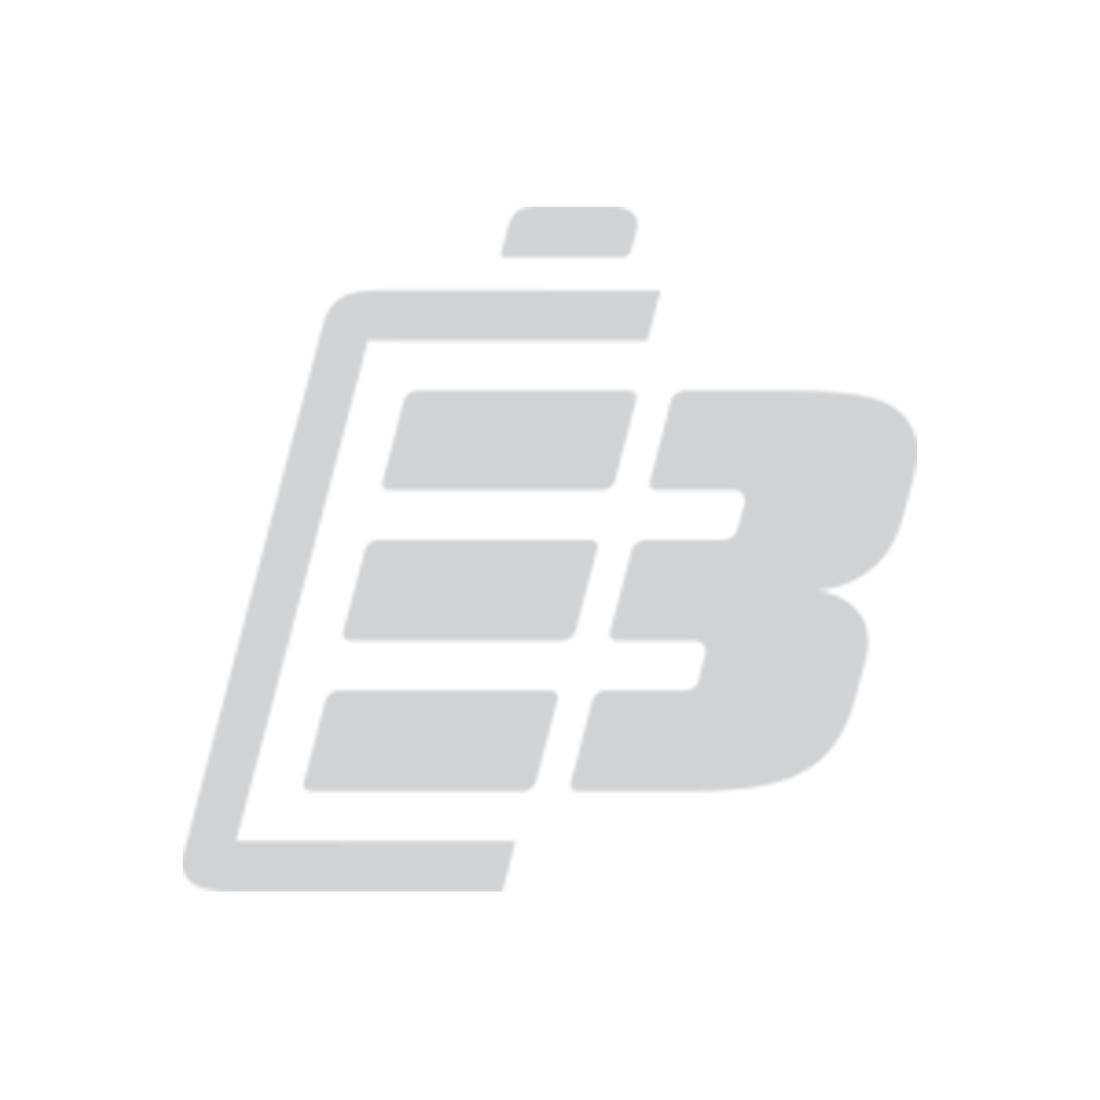 Μπαταρία κινητού τηλεφώνου Samsung M2510_1